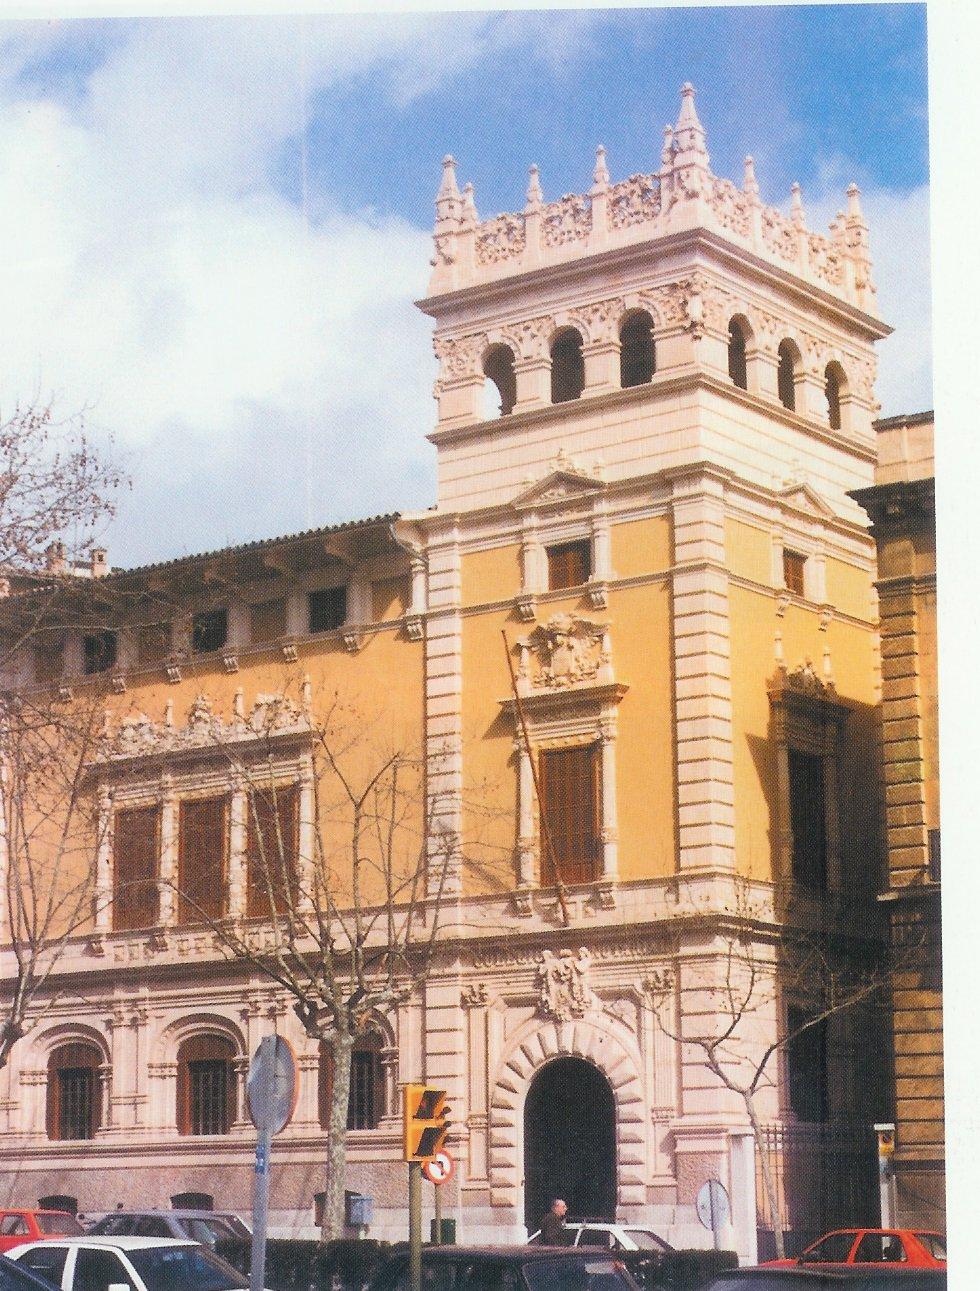 Colegio notarios de barcelona great replies retweets - Colegio notarios de barcelona ...